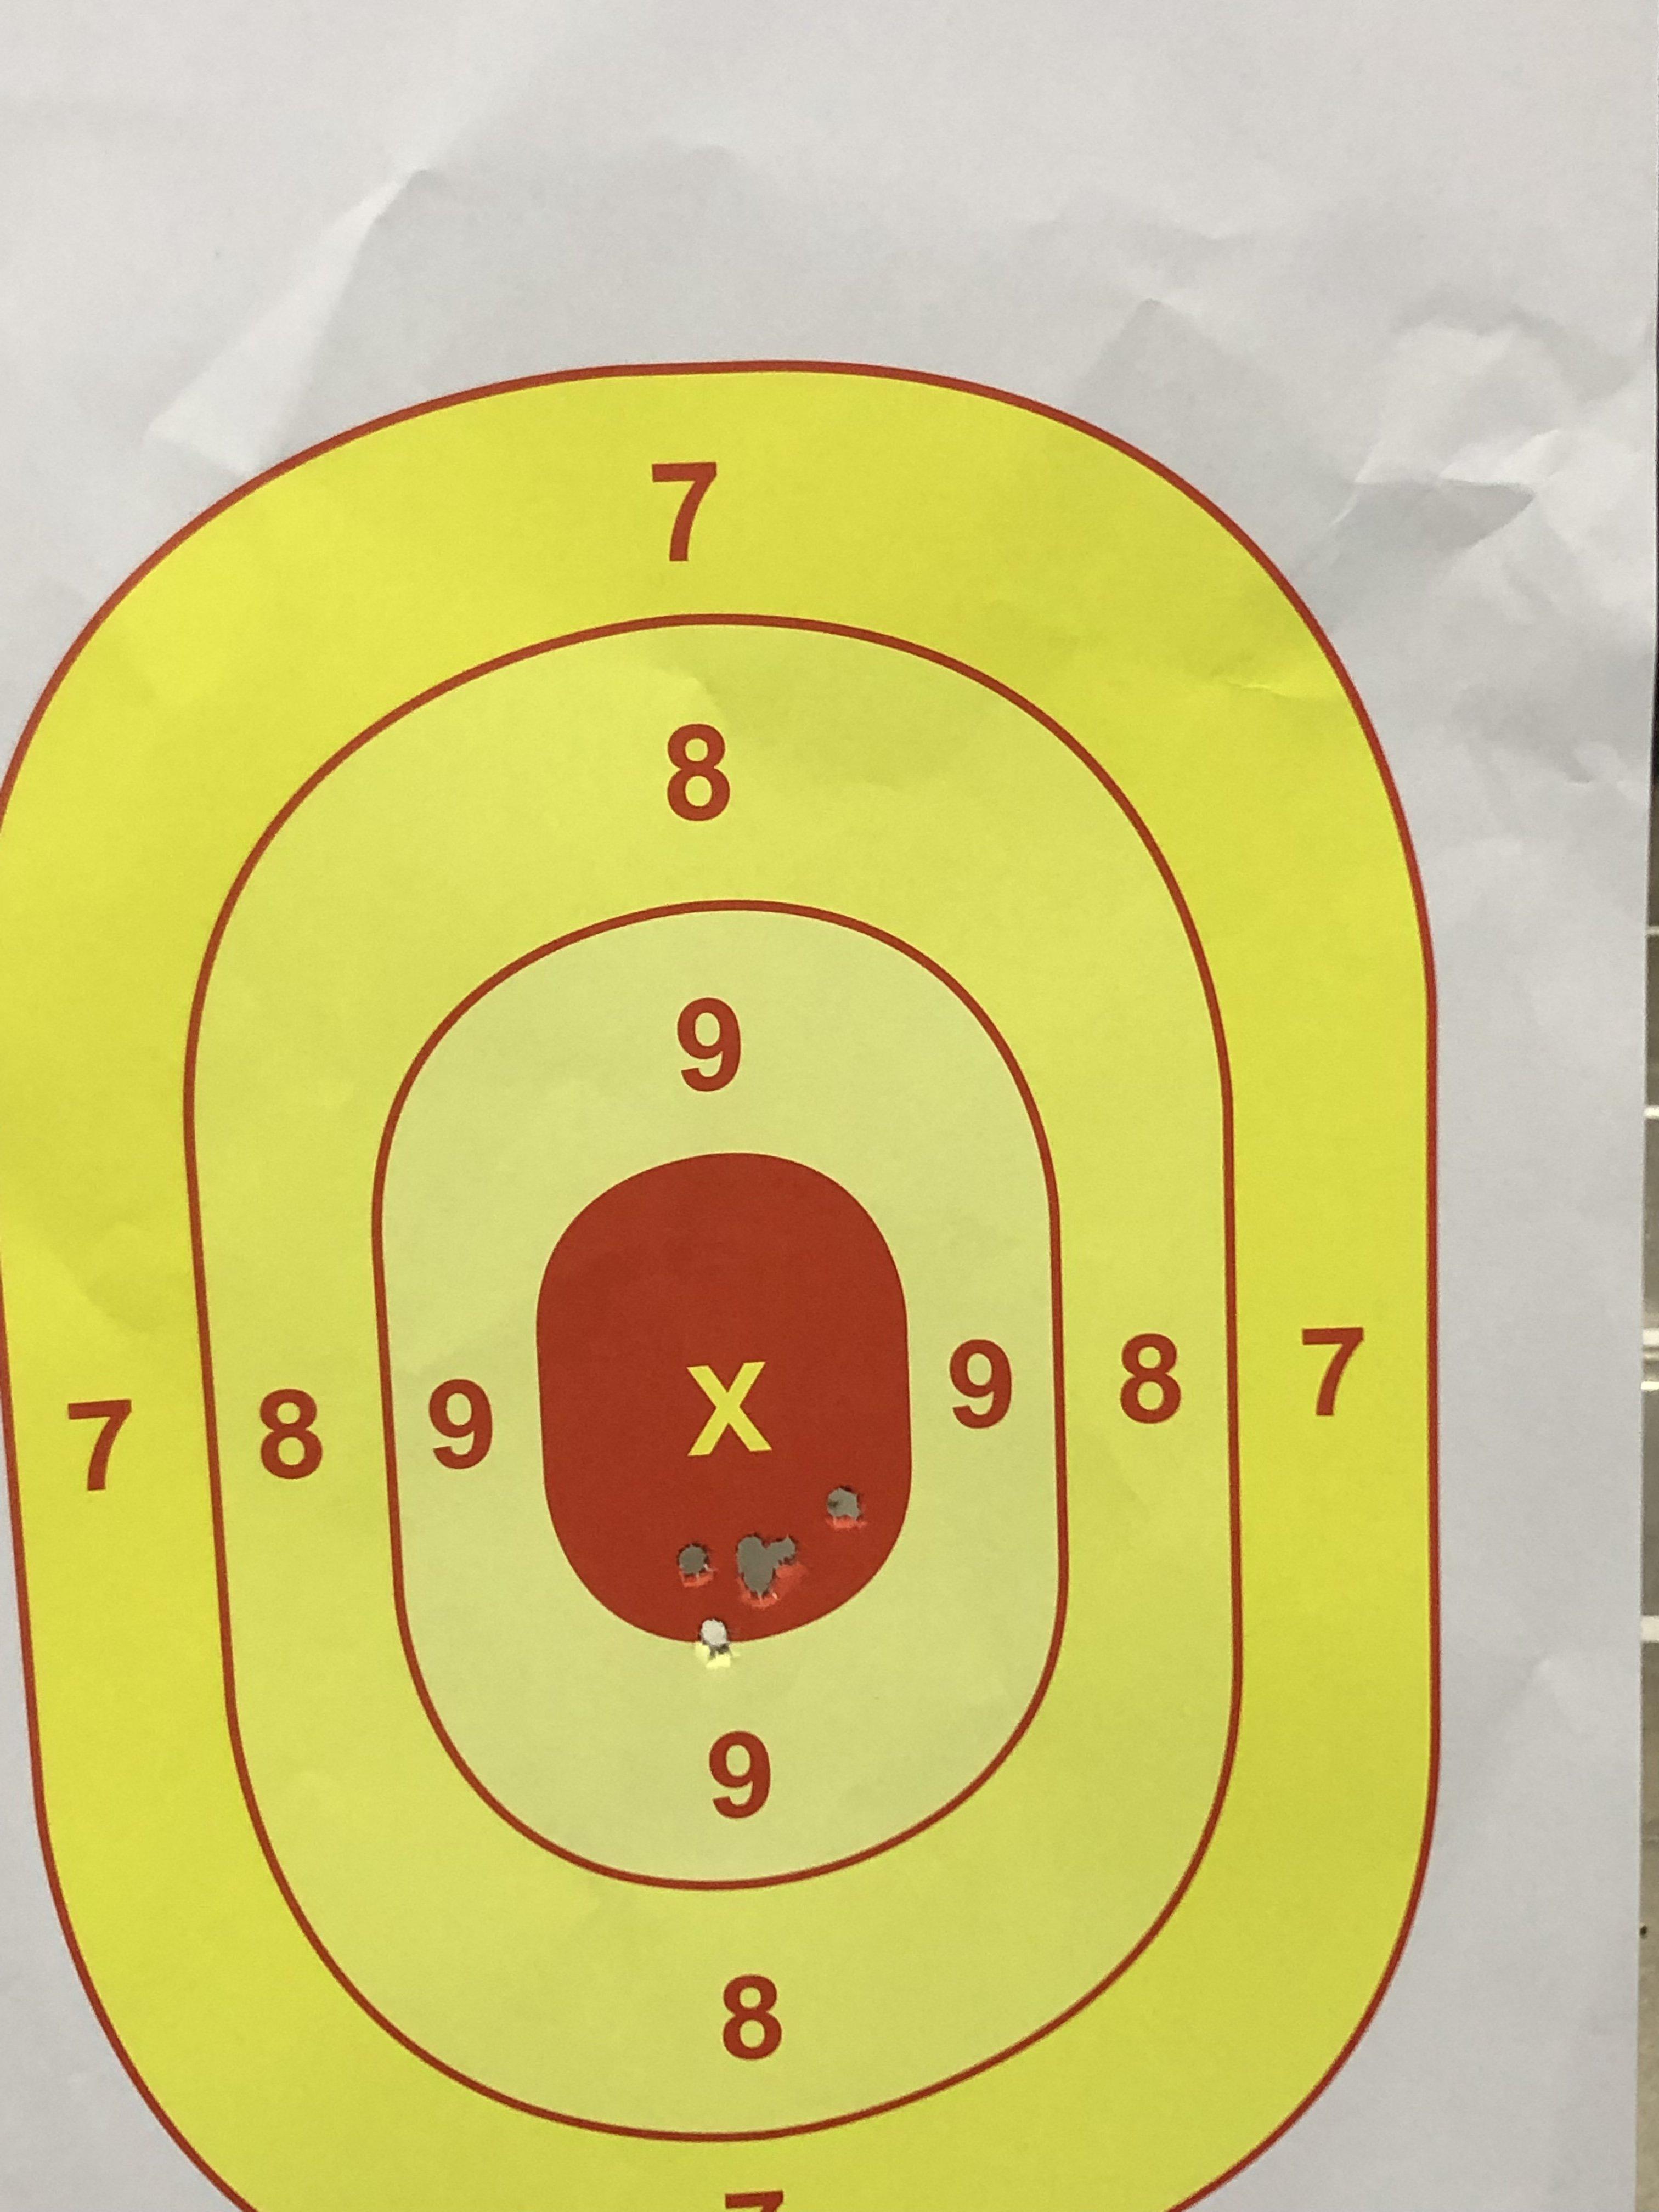 F31A05CB-C0BC-4758-9CC7-8654E4F7F226.jpeg